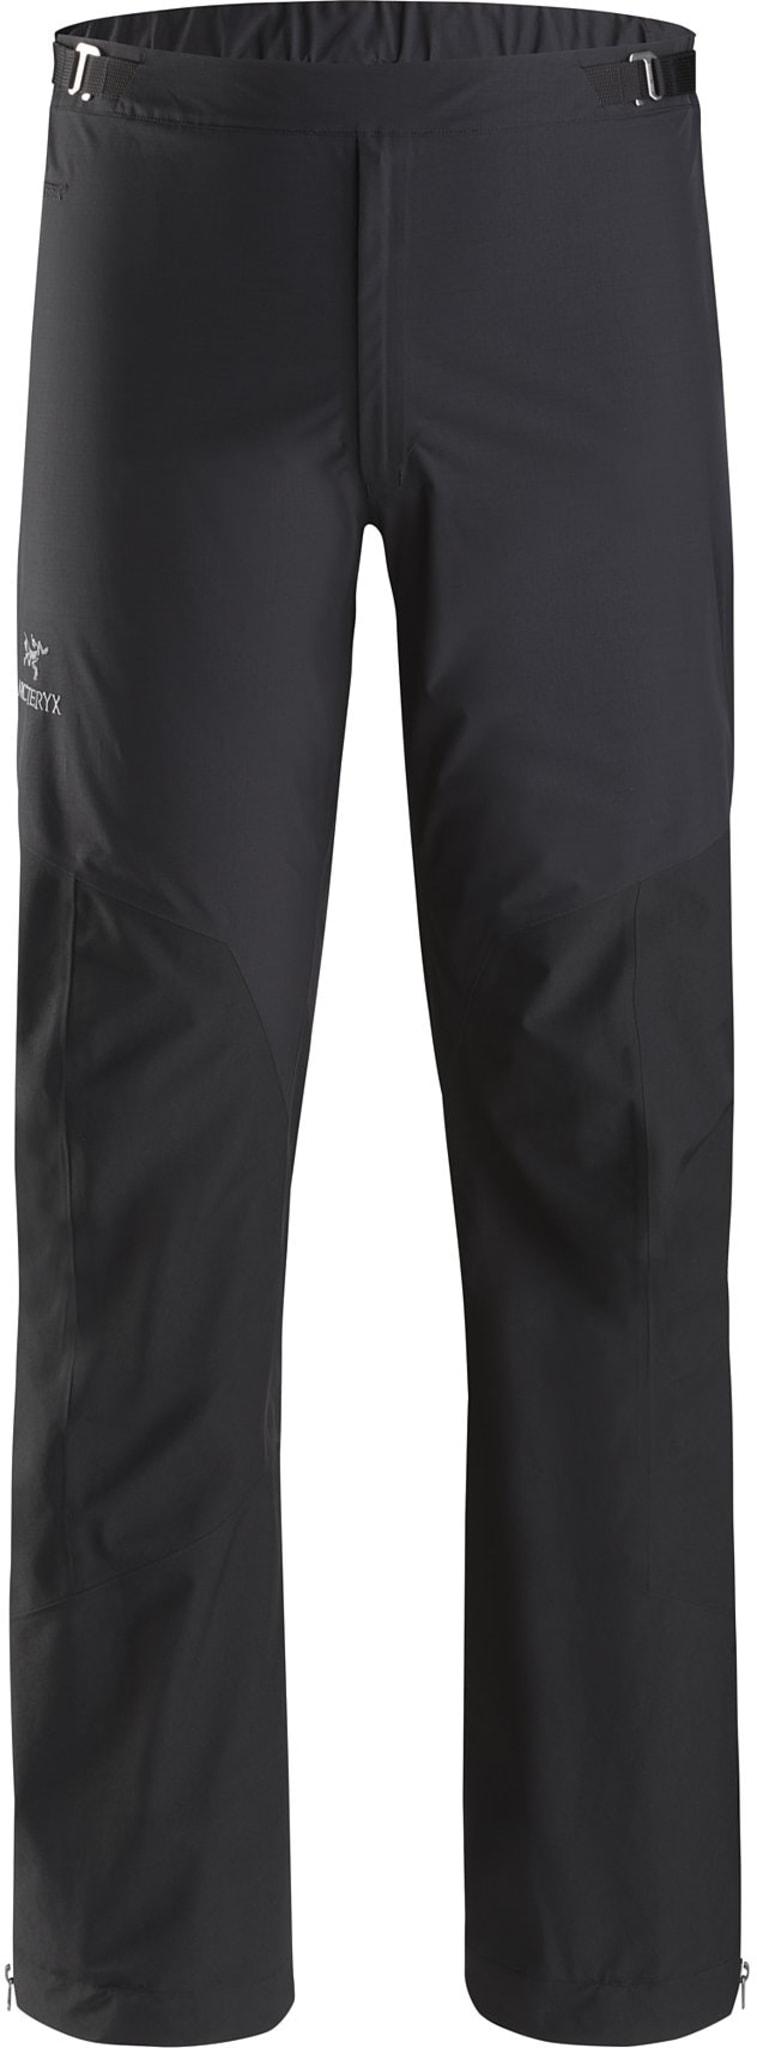 Superlett, pakkvennlig og vanntett GORE-TEX-bukse